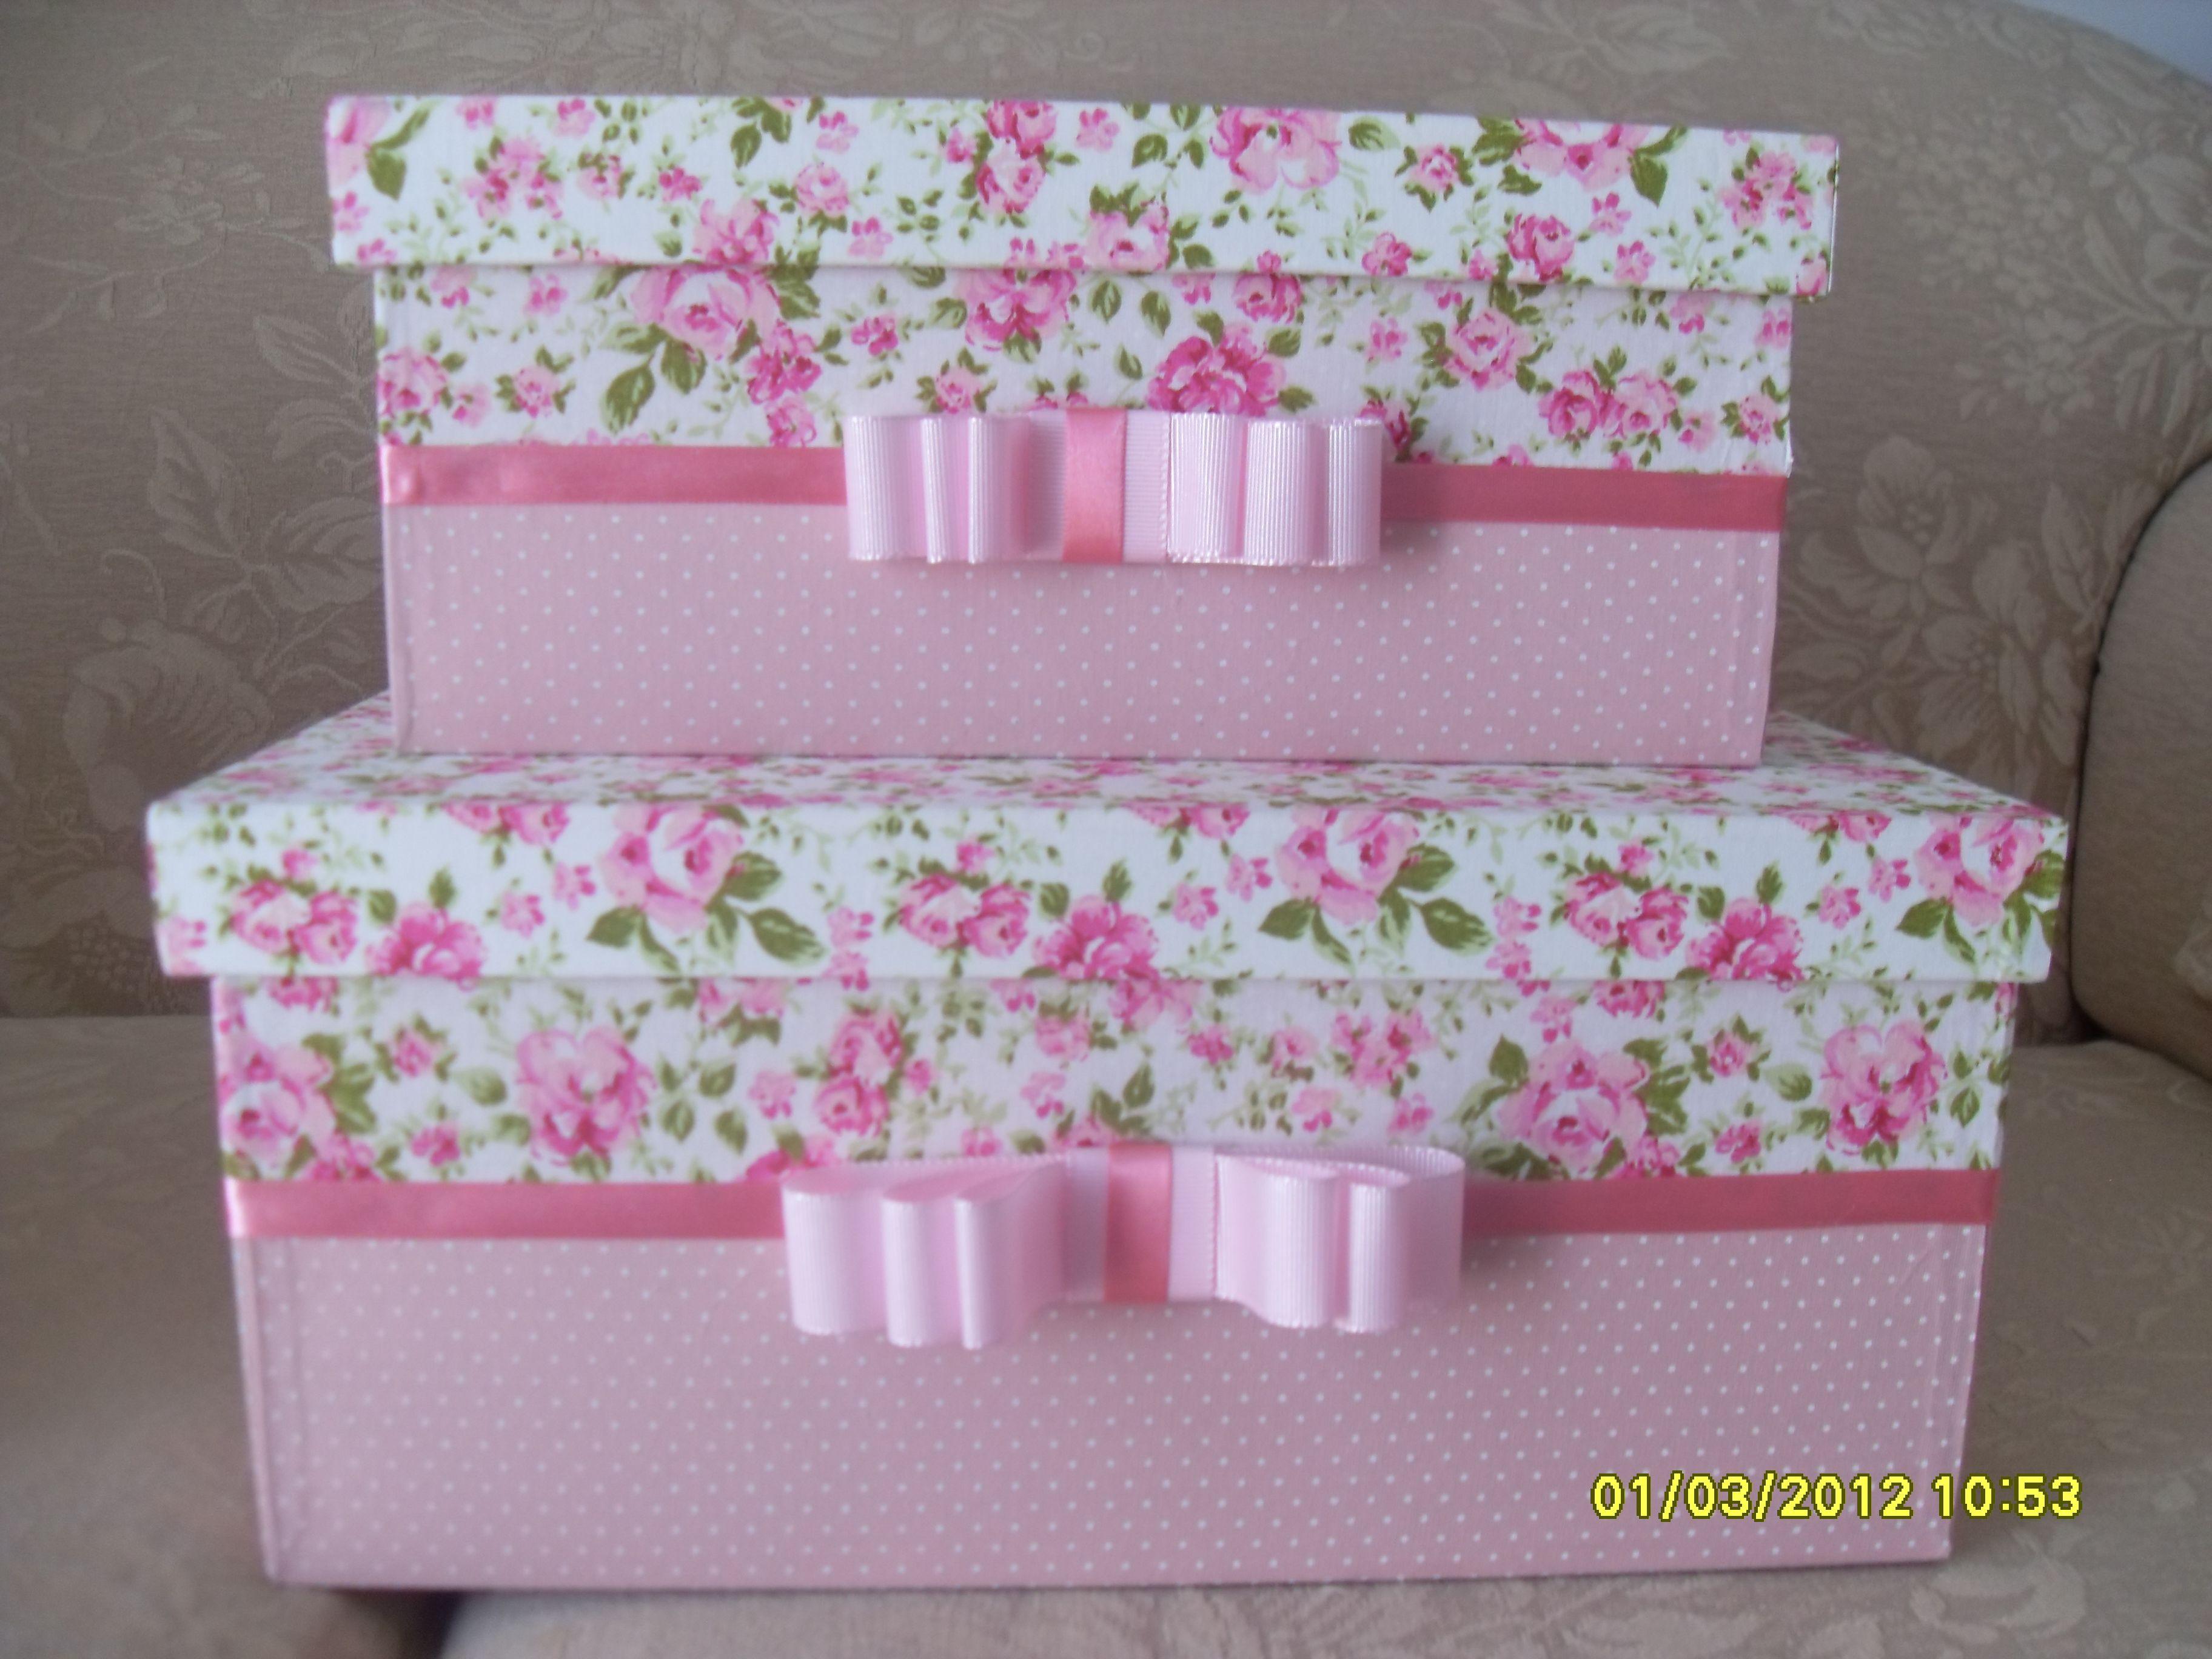 Caixas De Mdf Forradas Com Tecido 100 Algodao Em Poa Rosa E